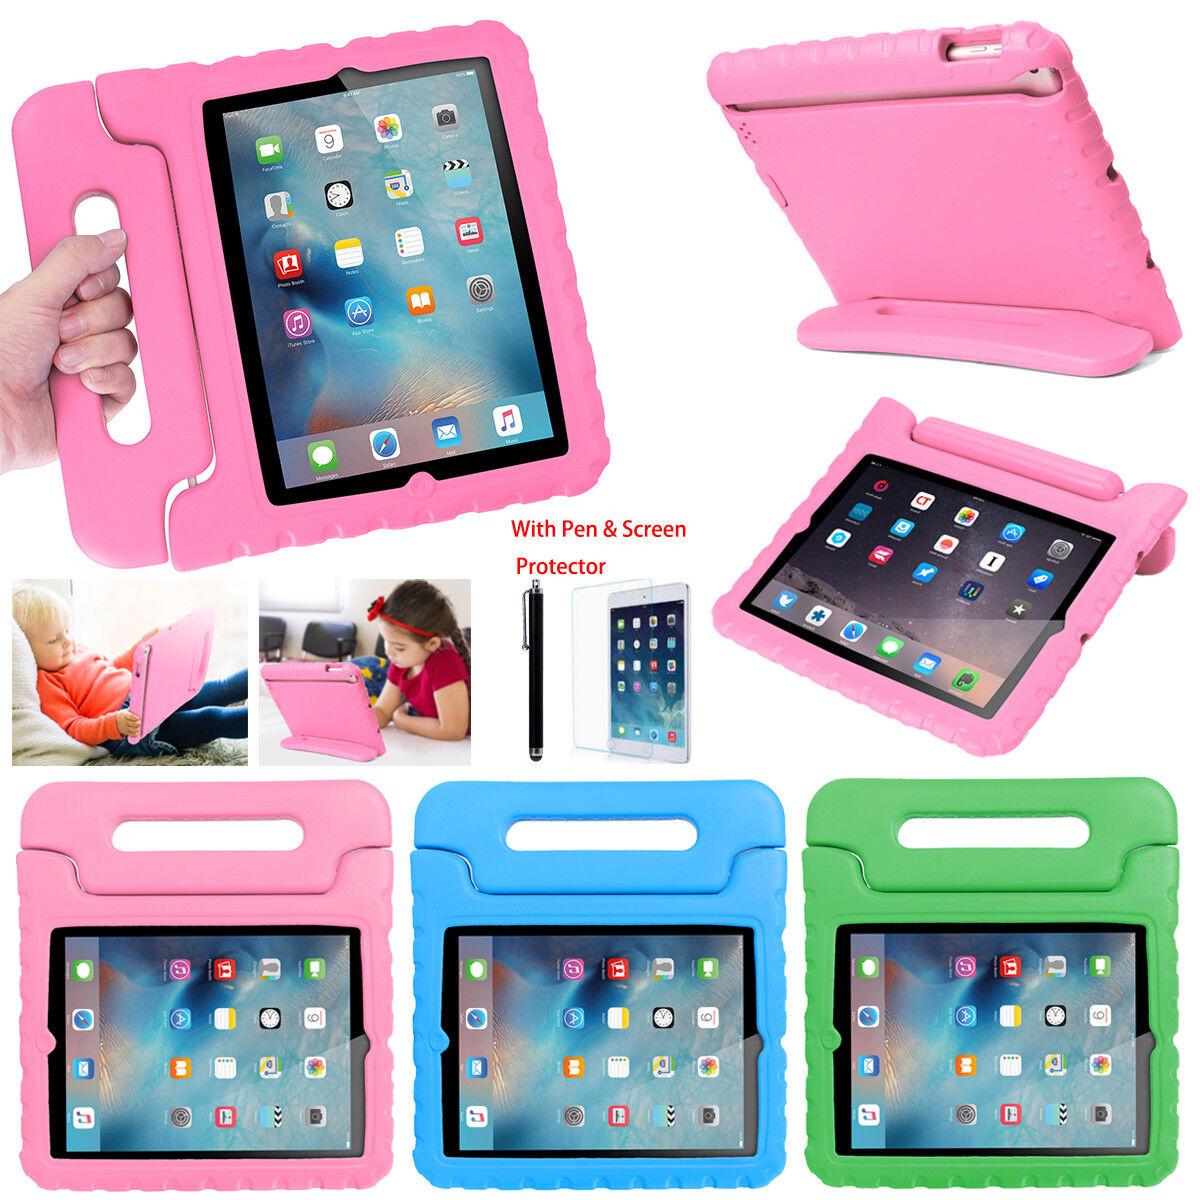 iPad Mini 2 3 4 iPad 2 3 4 5 6 2018 Kids Shockproof EVA Case